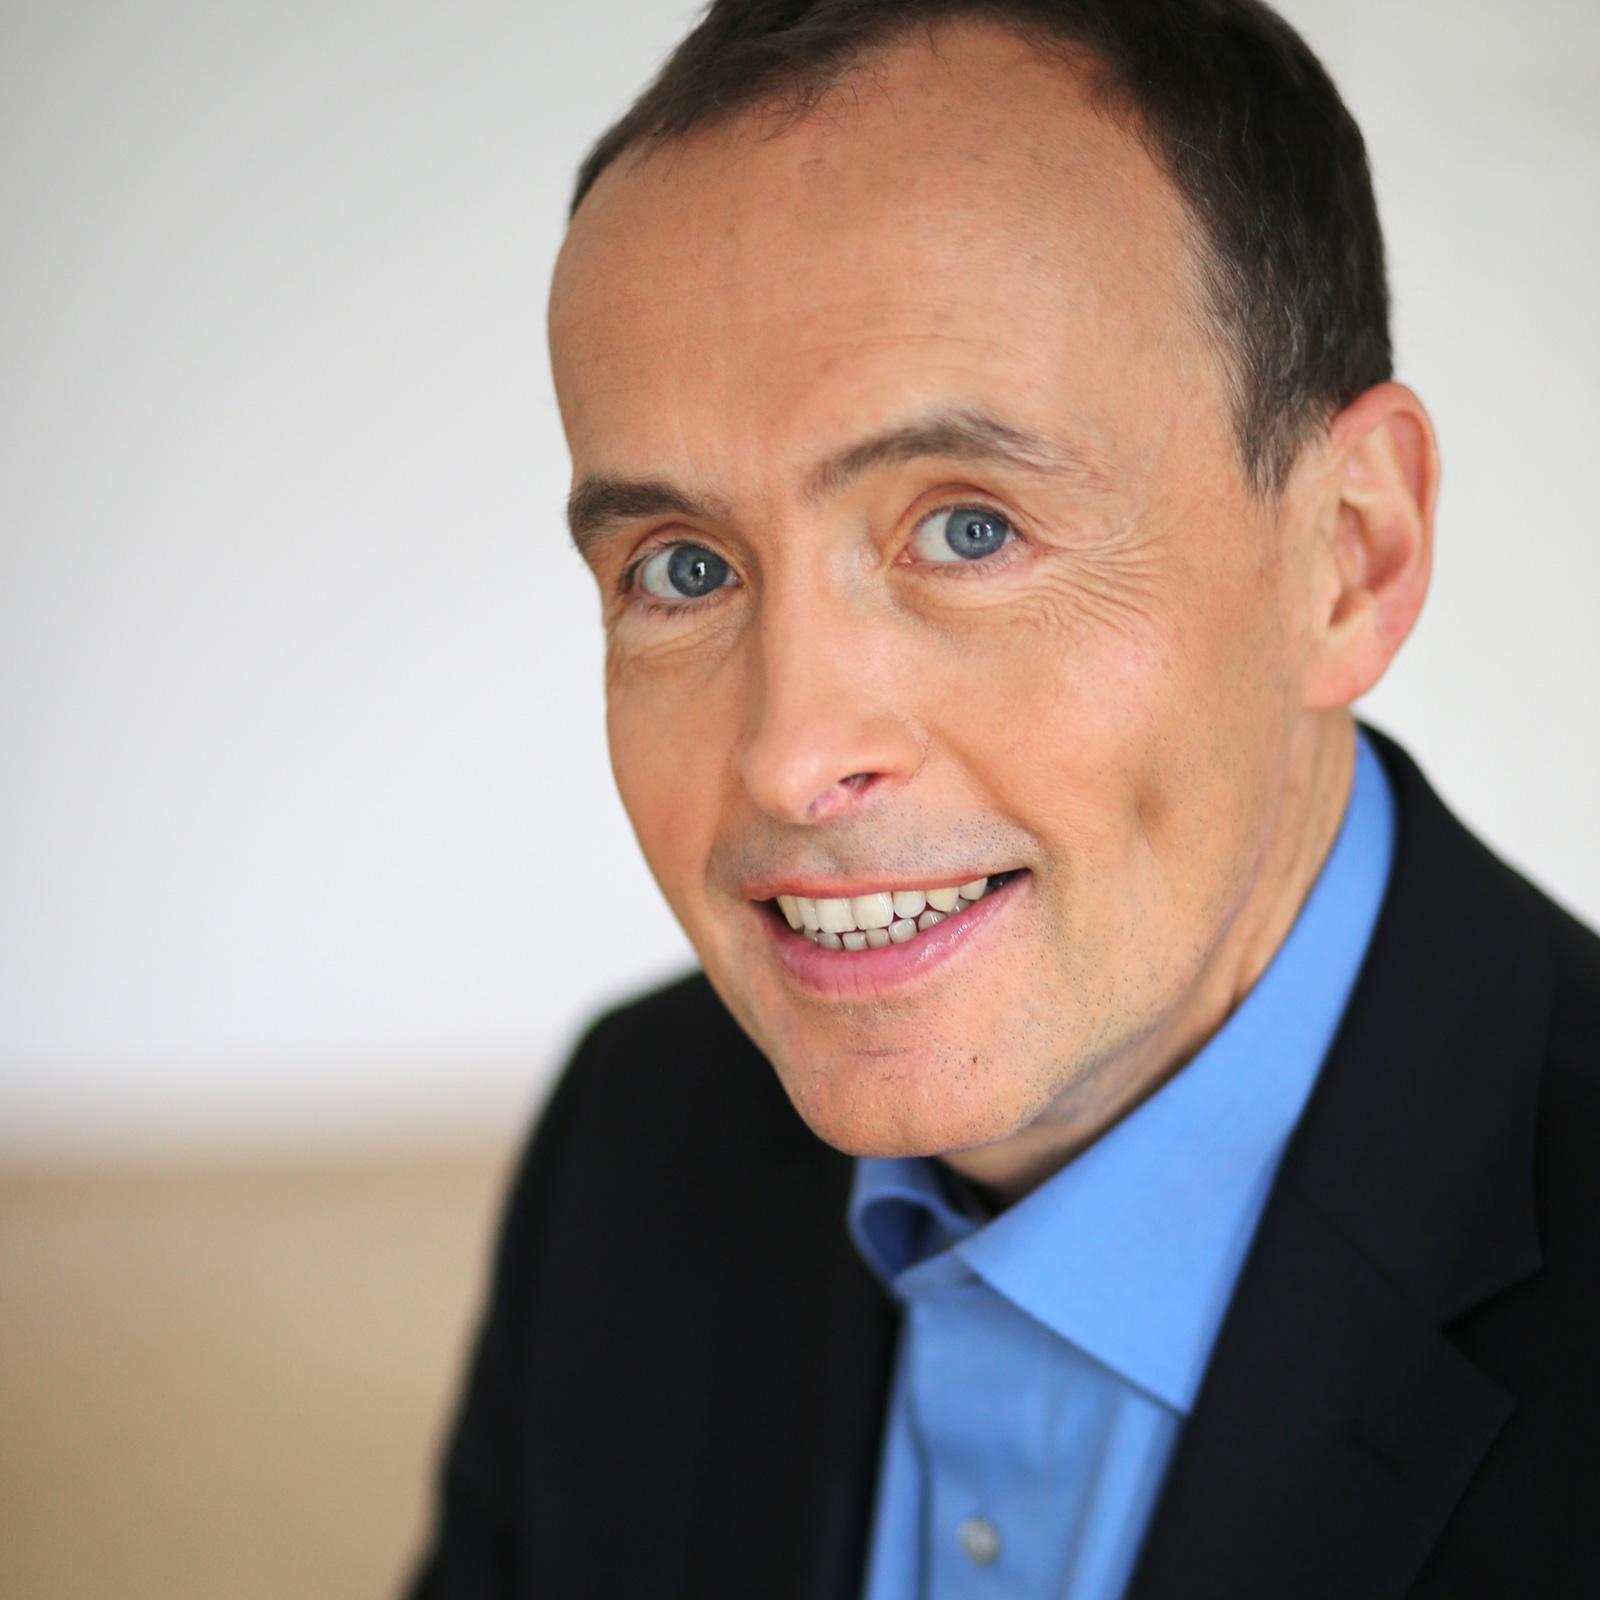 """Univ.-Prof. Dr. Wolfgang Lalouschek ist Leiter des Gesundheitszentrums """"The Tree"""" in Wien."""